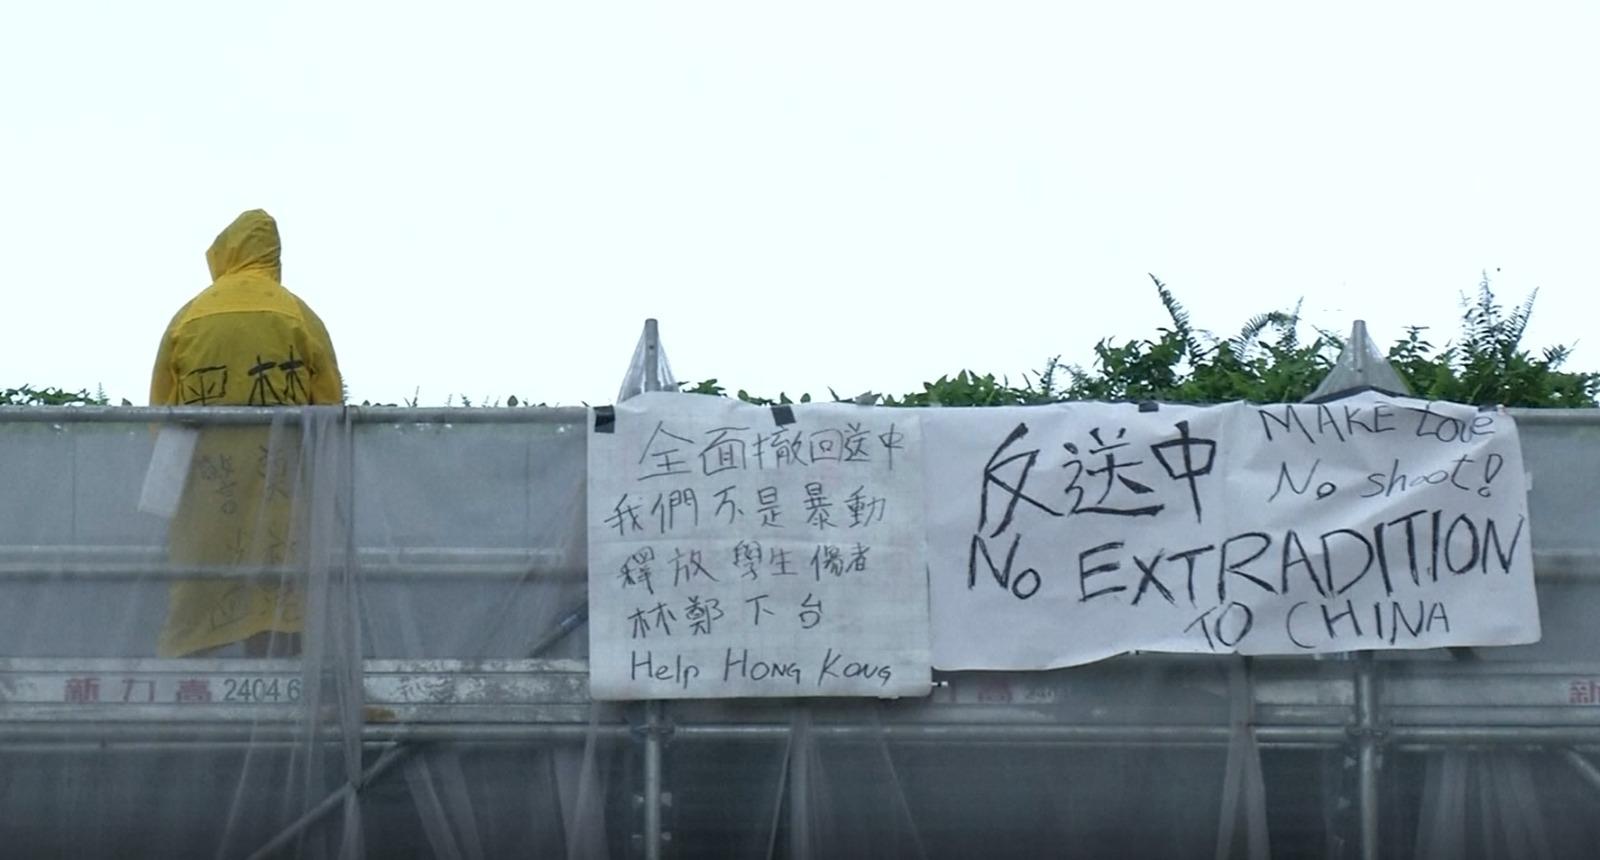 去年6月15日,35岁青年梁凌杰在香港商业区挂起反送中横幅后,从高处堕下身亡,成为第一位在运动中死亡的香港人。而在他之后,接连有年轻人因为社会运动而轻生。根据香港保安局的资料,去年6月到12月,香港平均每个月有61人自杀。(路透社图片)